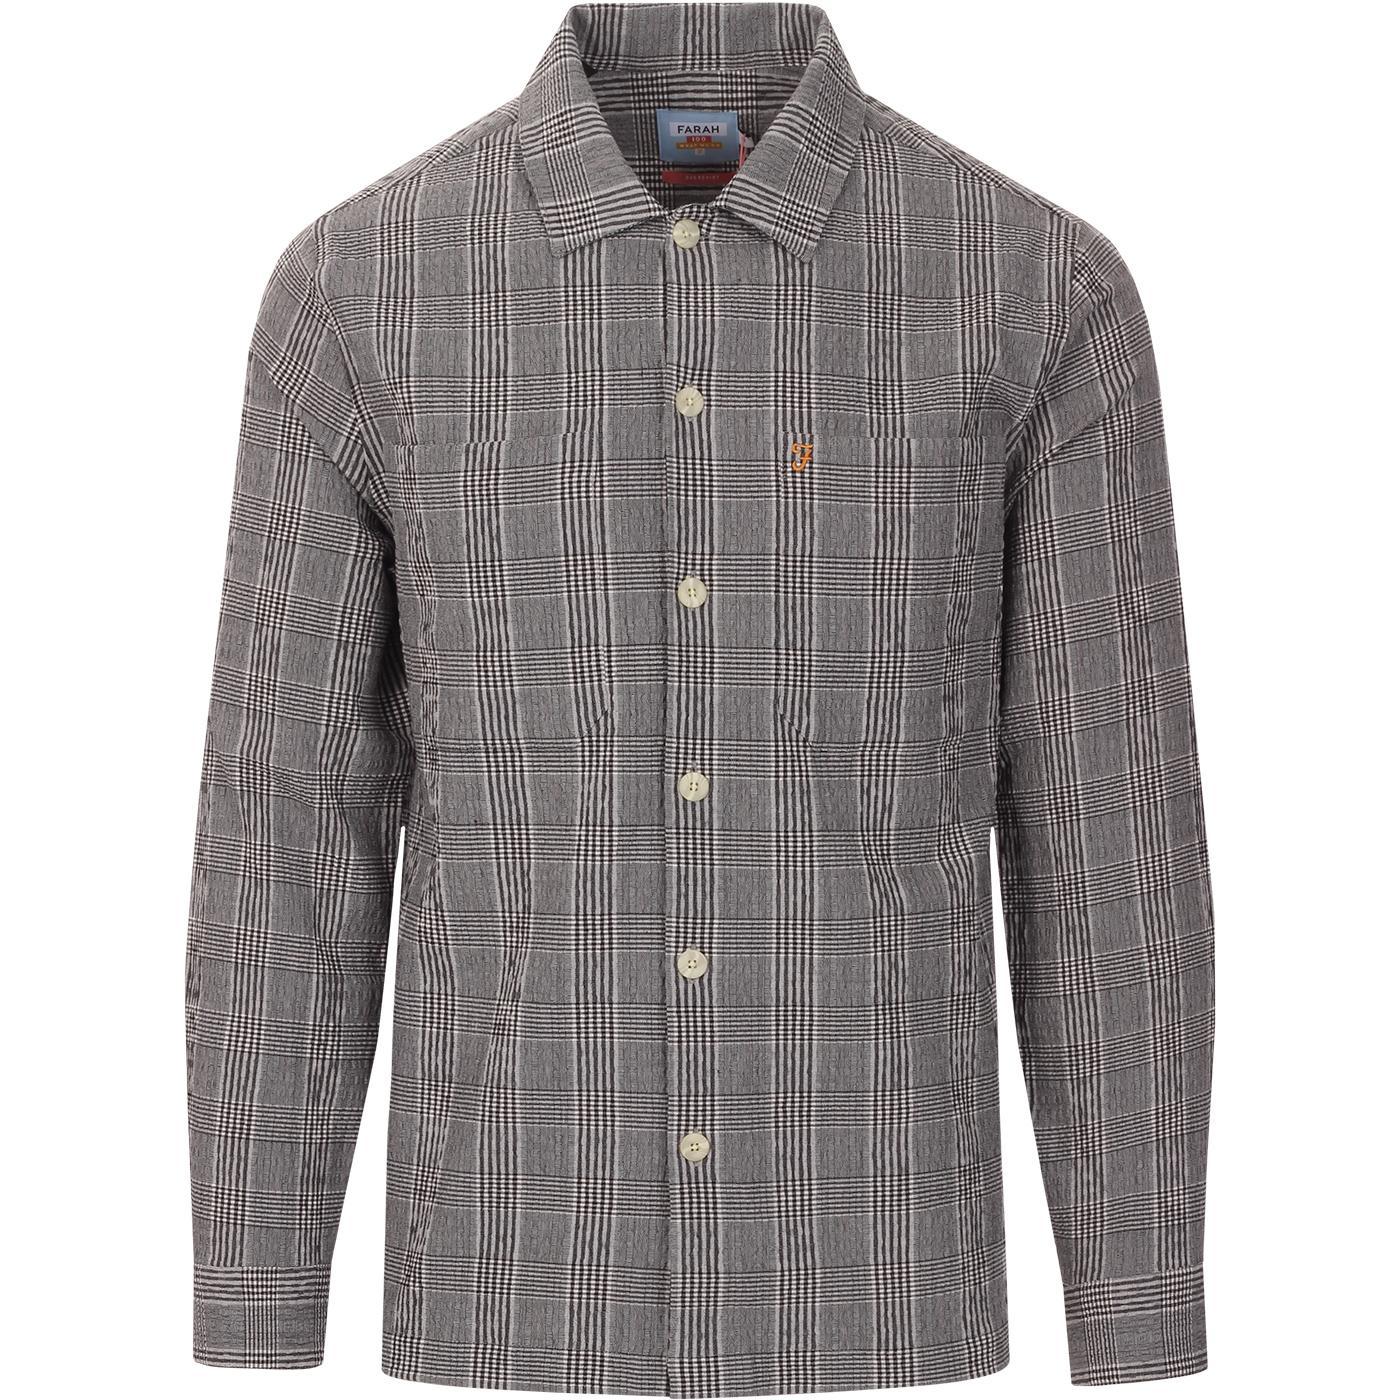 Mclennan FARAH 100 Mod POW Check Seersucker Shirt